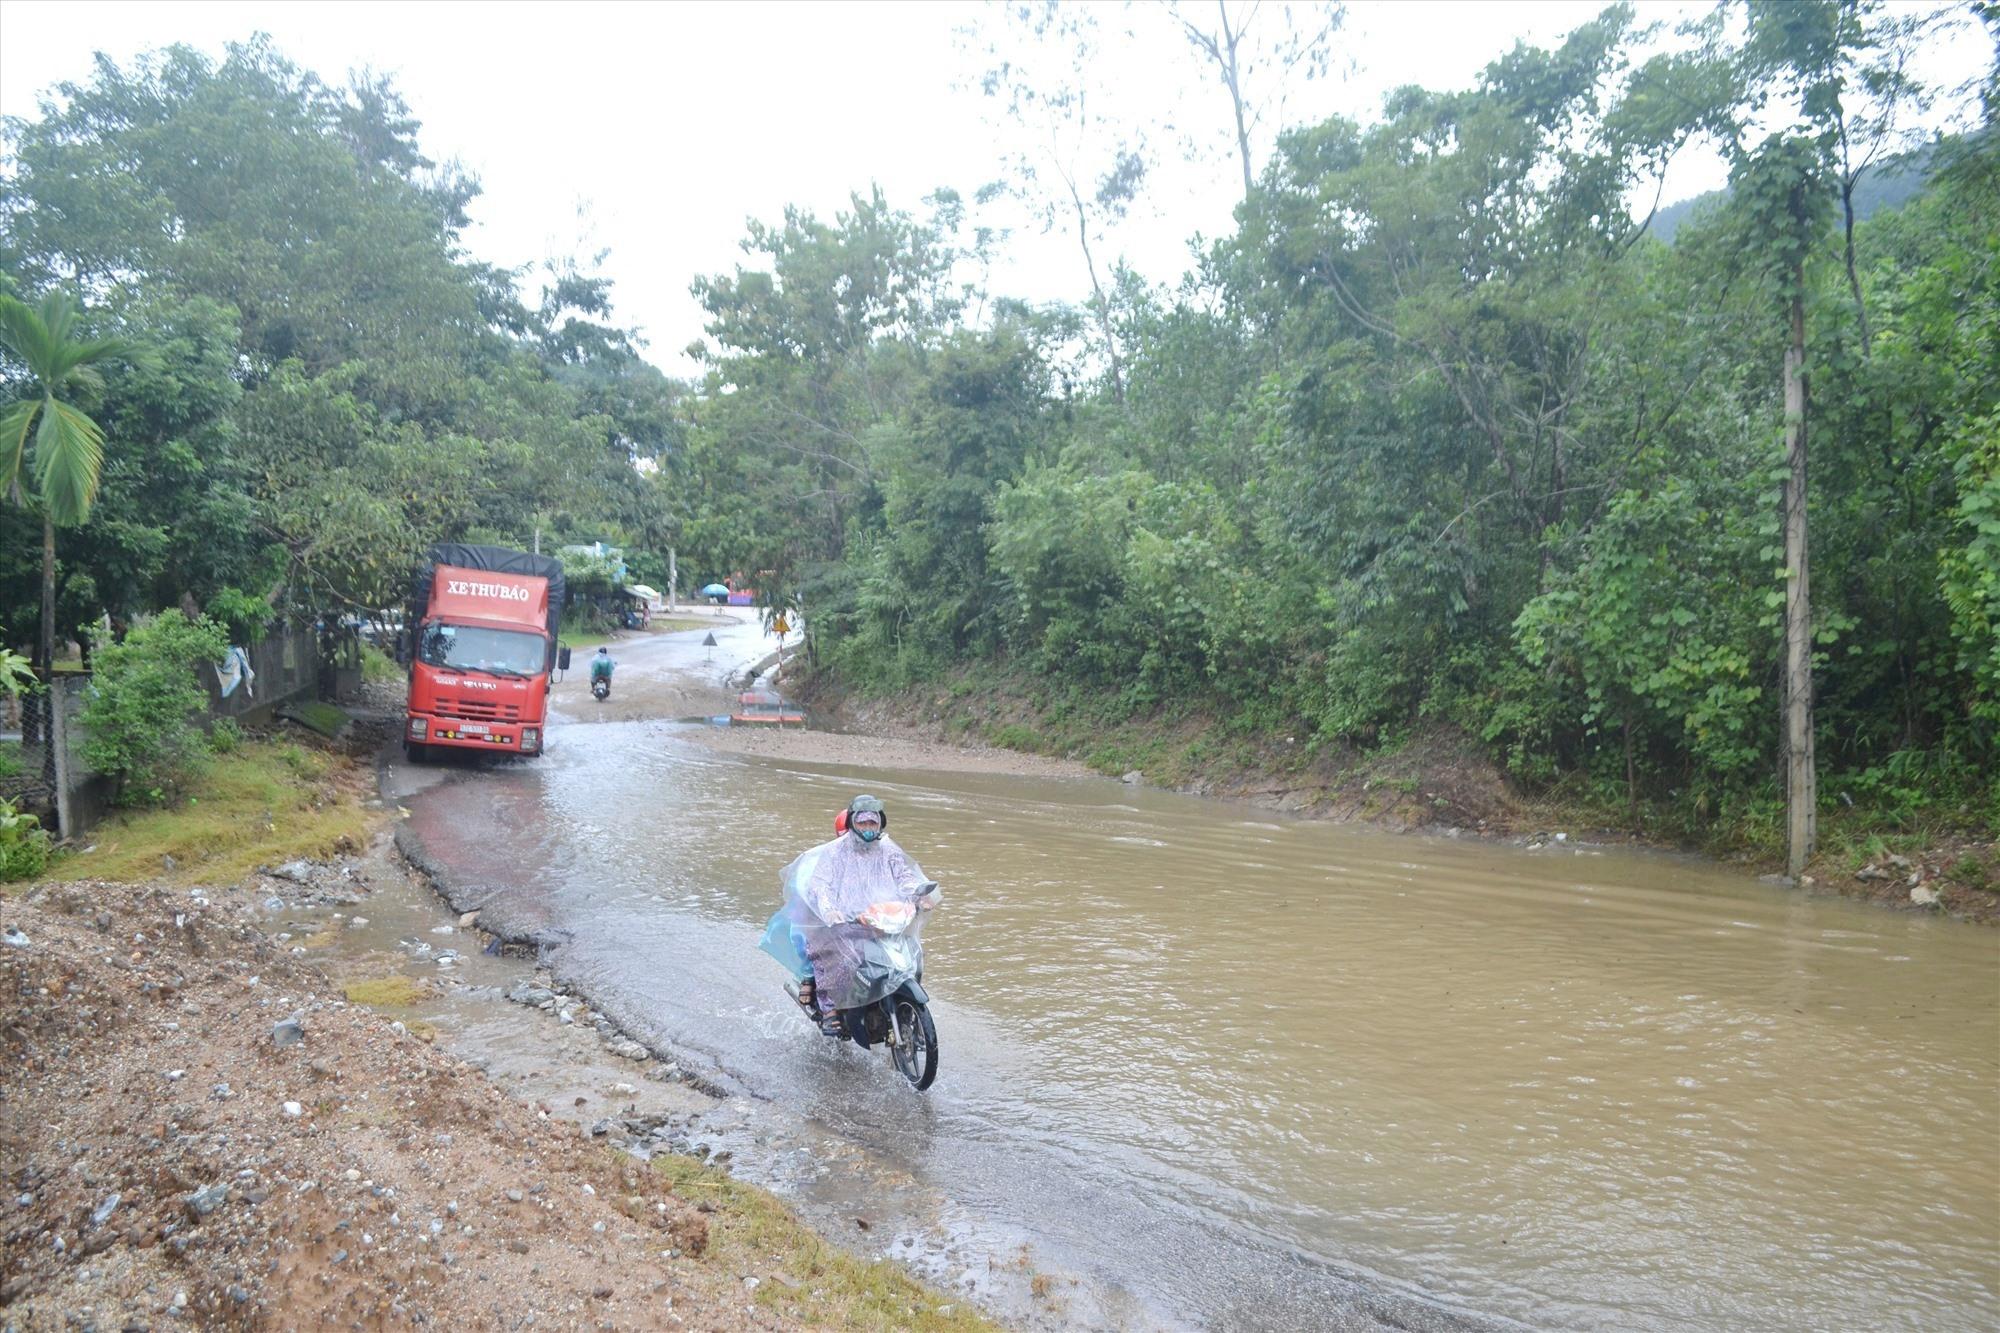 Nước ứ đọng ngập đường QL14B, đoạn phía dưới nút giao vào nhà máy xi măng Xuân Thành (thị trấn Thạnh Mỹ, Nam Giang). Ảnh: CT